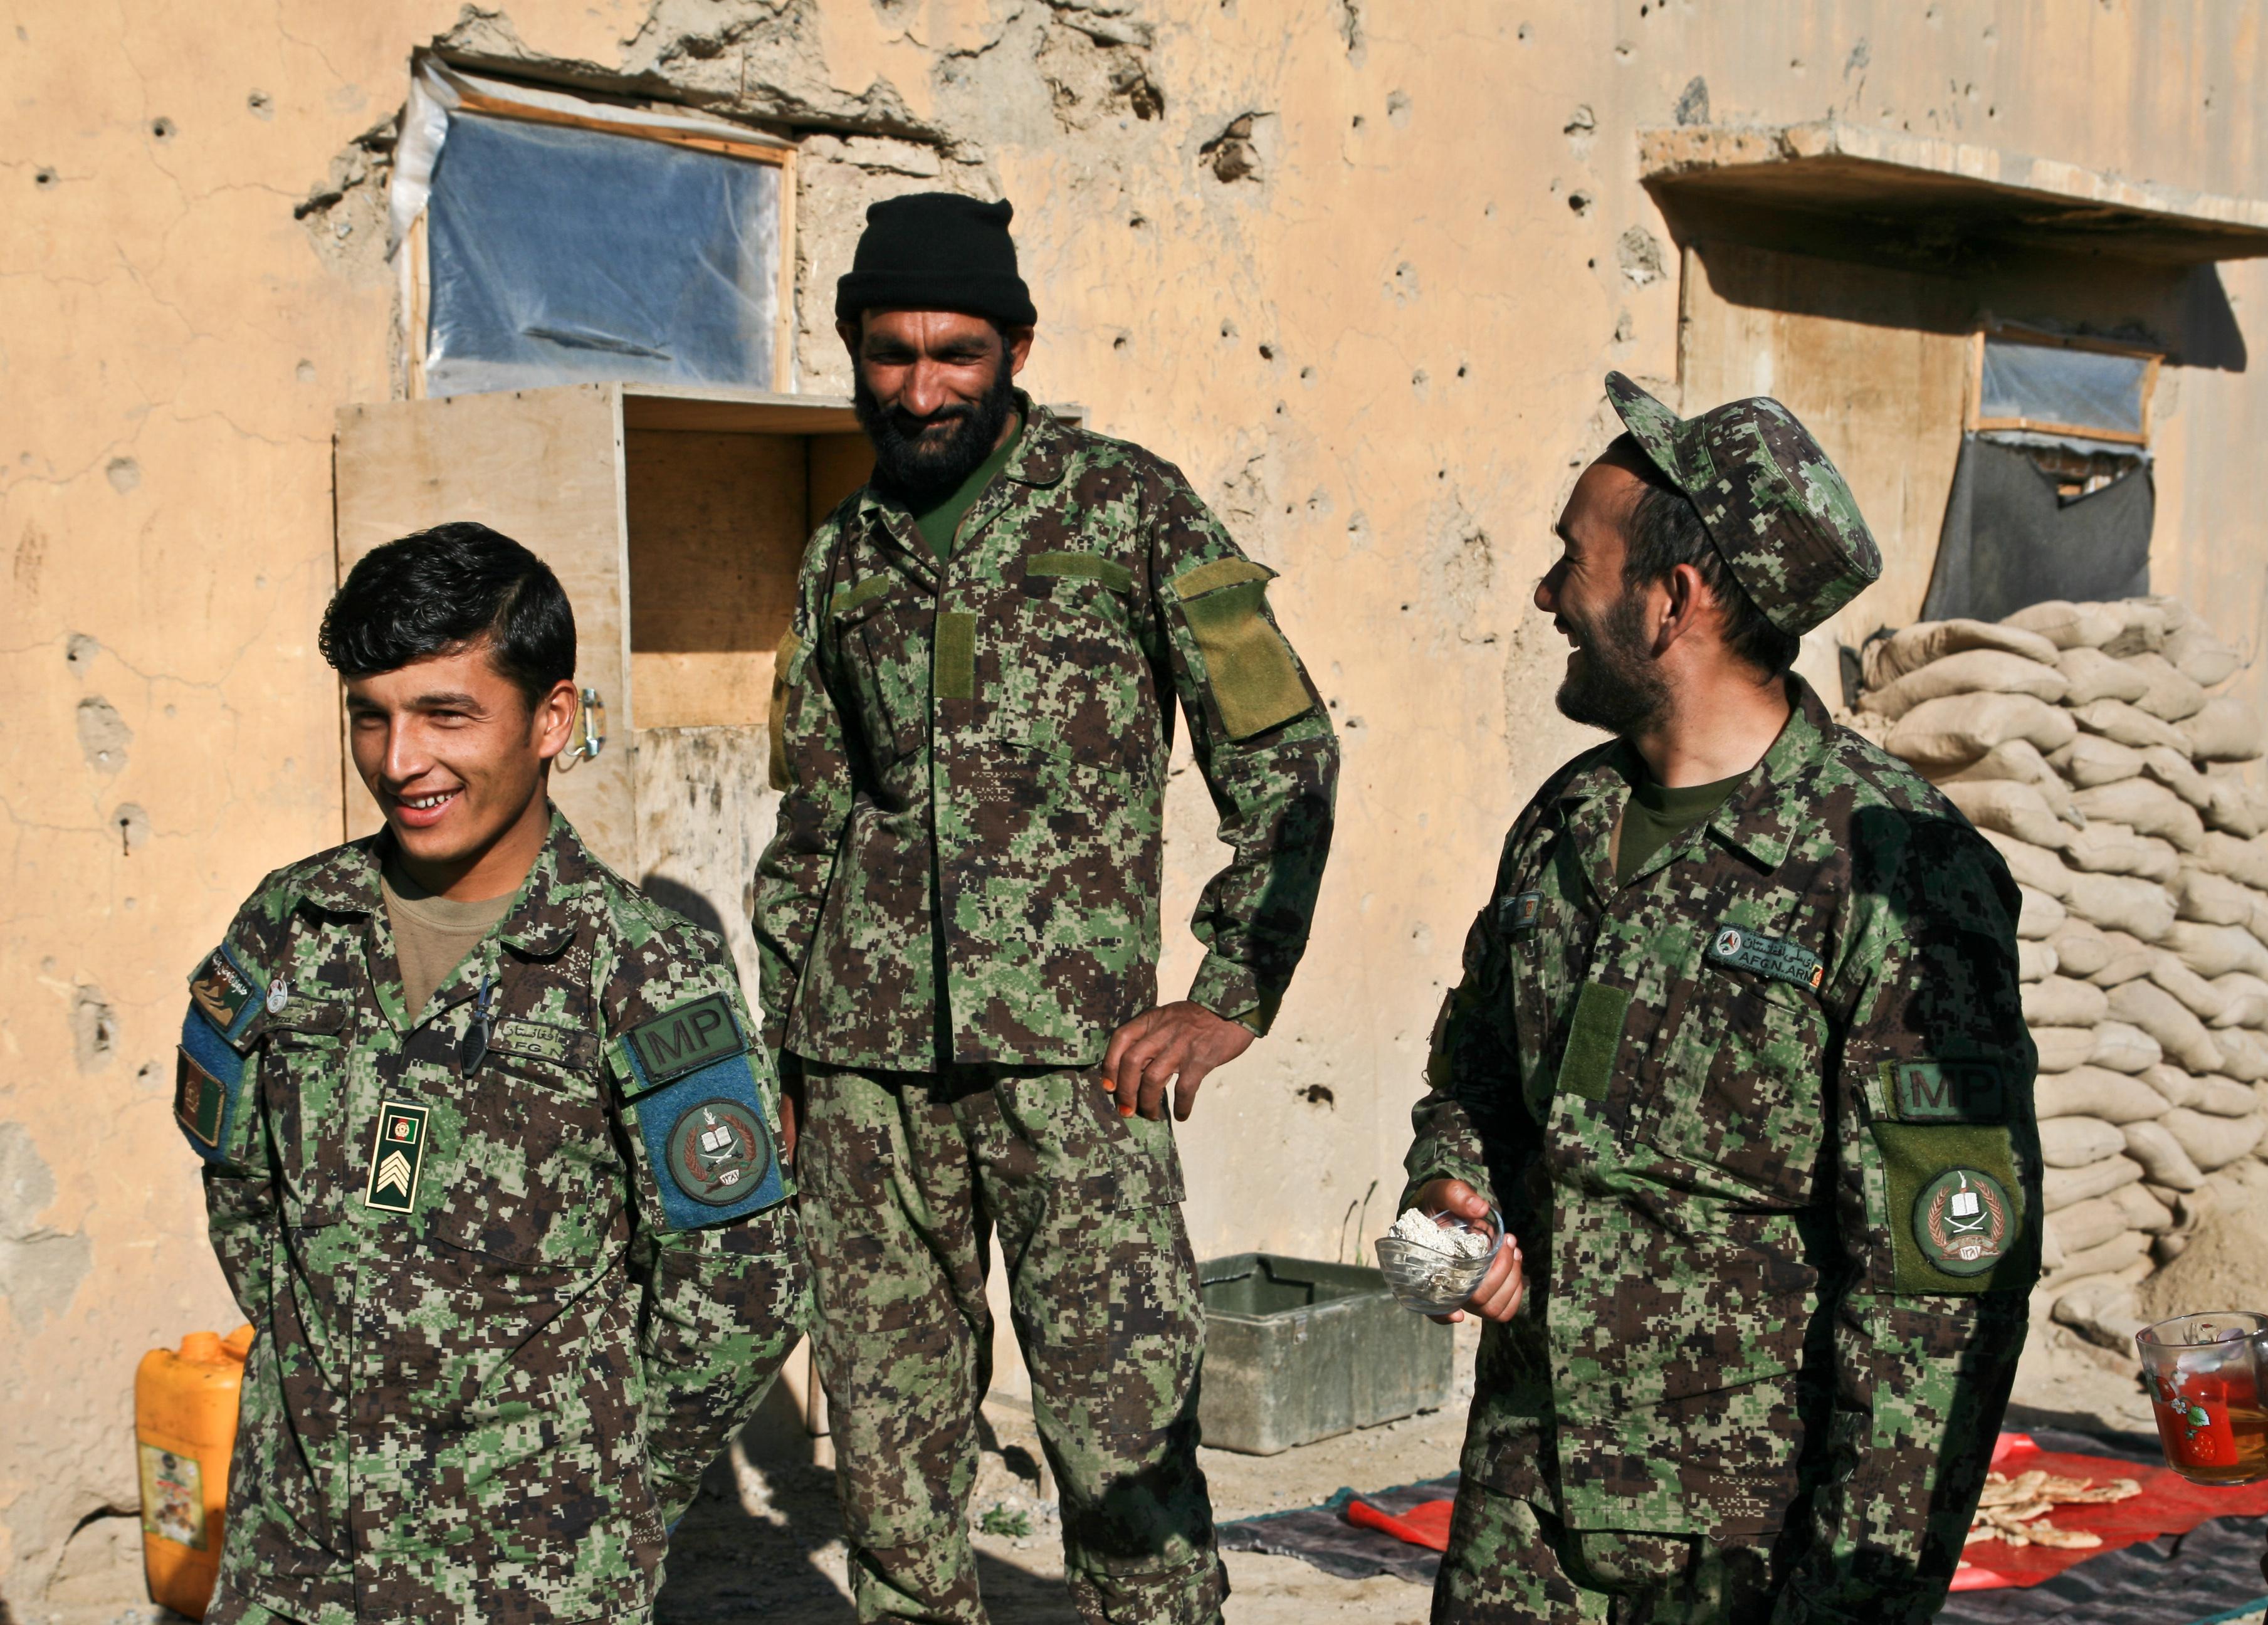 fusil afghan ancien